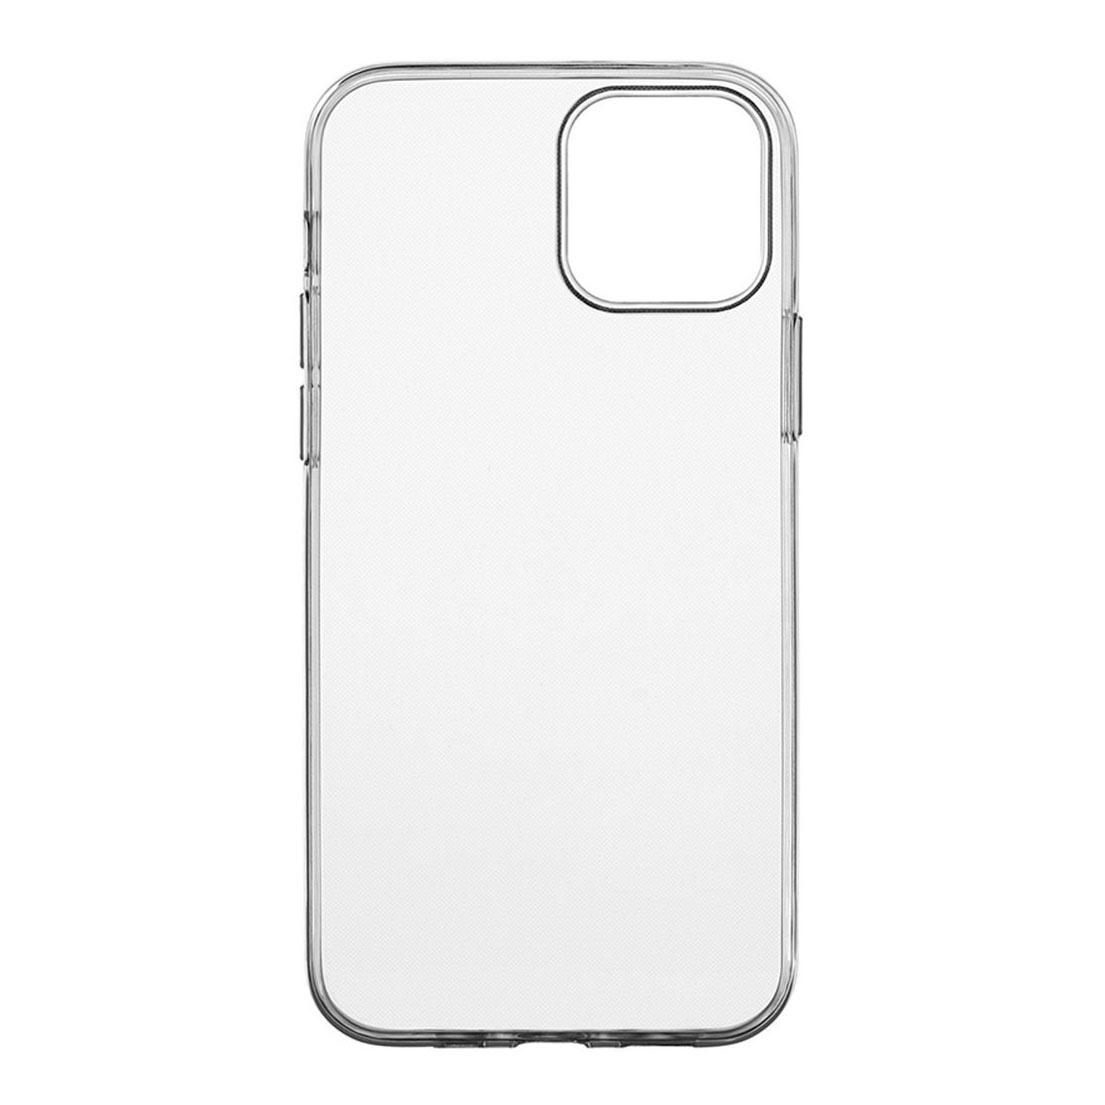 Чехол uBear Tone Case для смартфона Apple iPhone 12/12 Pro, прозрачный текстурированный чехол ubear tone case для apple iphone xs max прозрачный